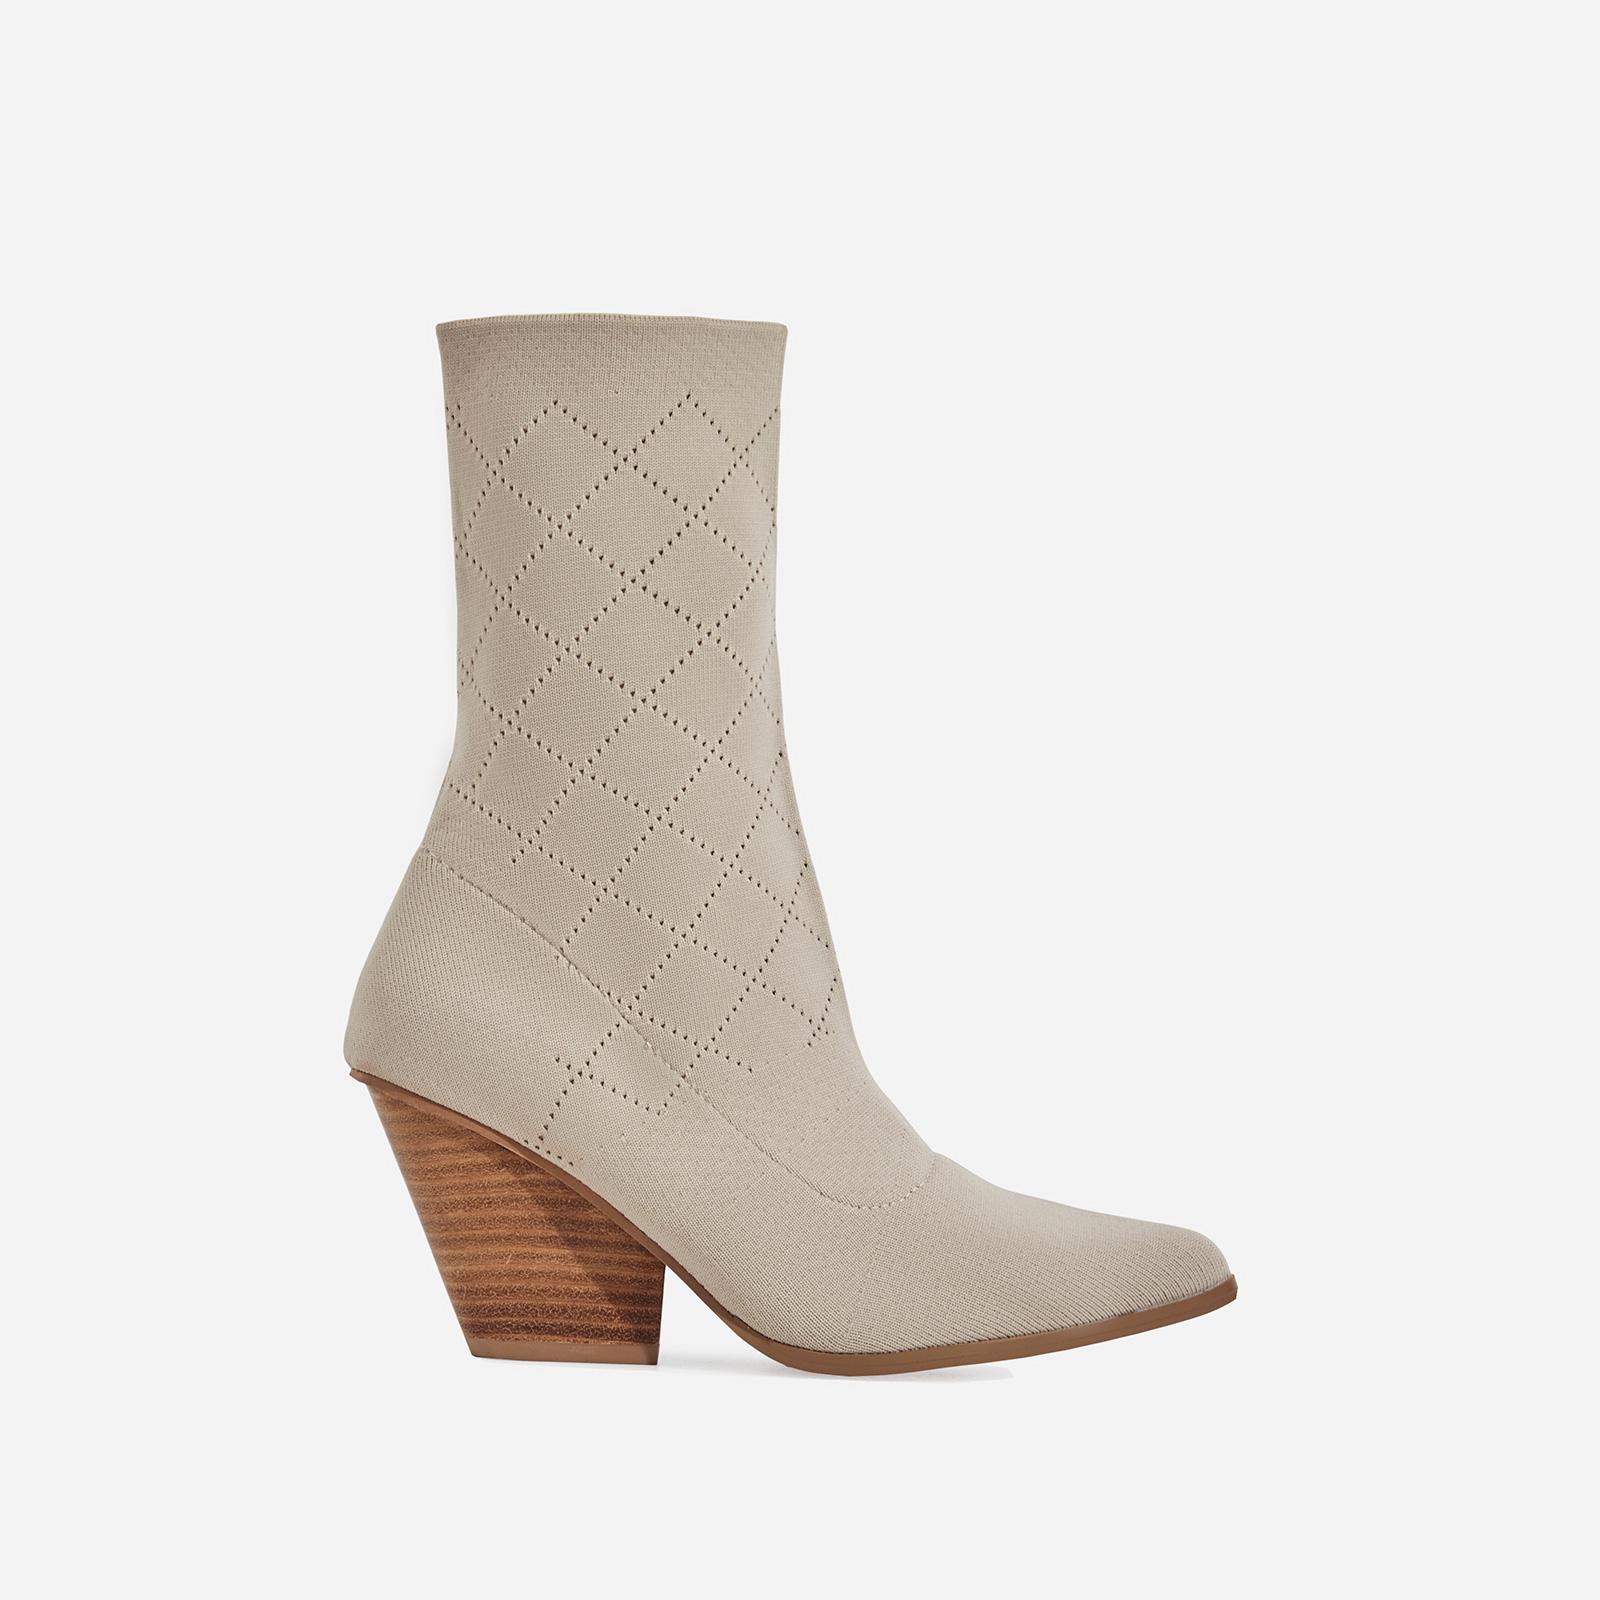 Sammy Block Heel Sock Western Ankle Boot In Nude Knit